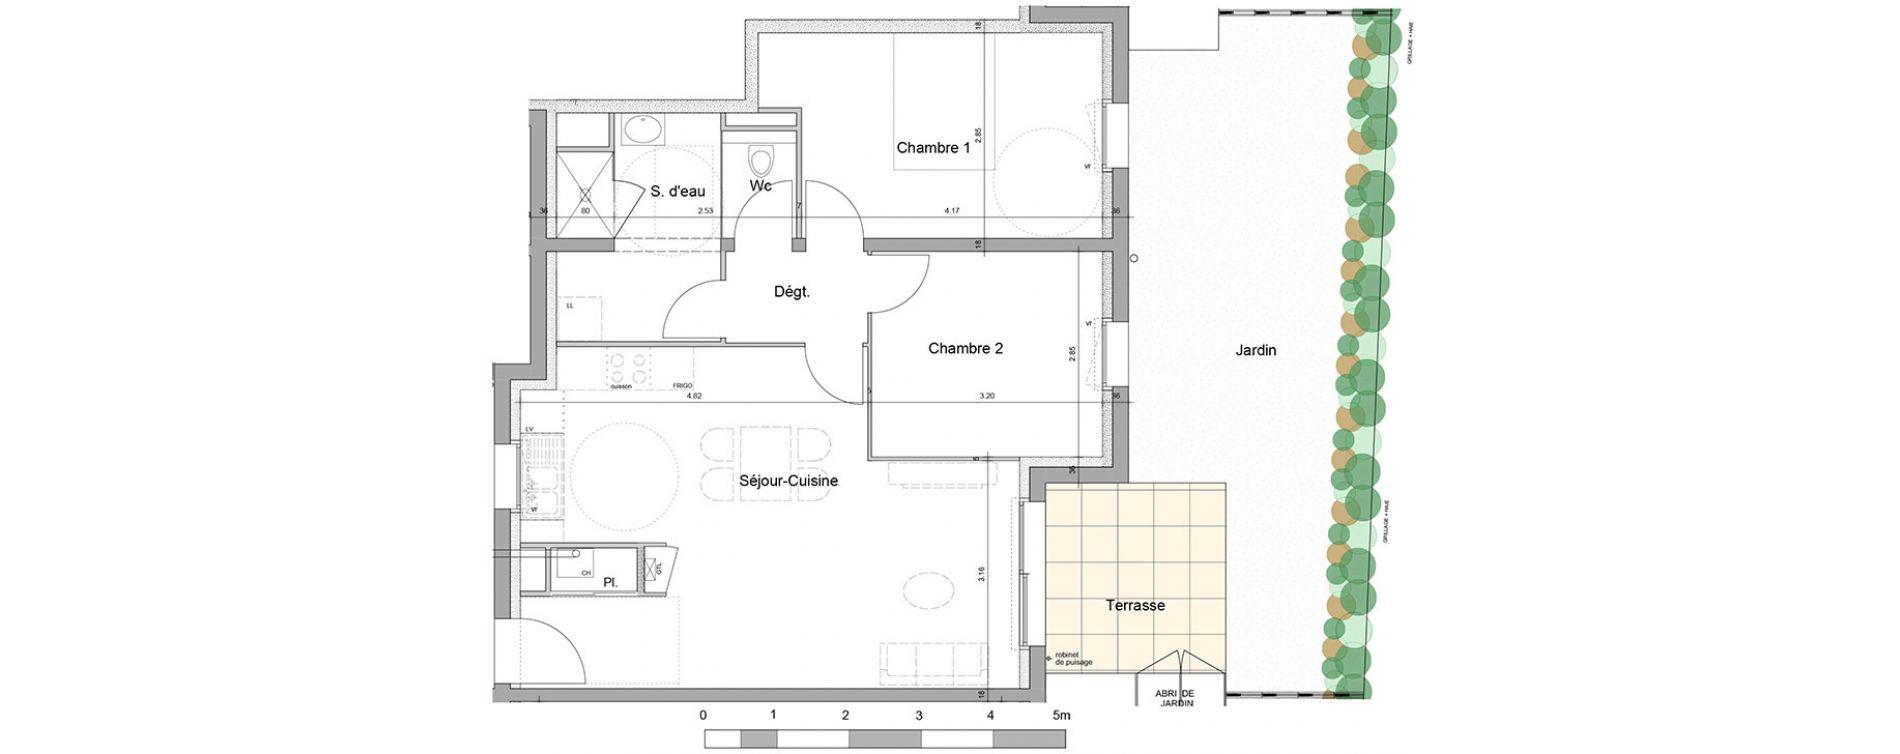 Appartement T3 De 60.73M2 Rdc E Le Domaine St-Vincent Mûrs ... intérieur Plan Cabane De Jardin